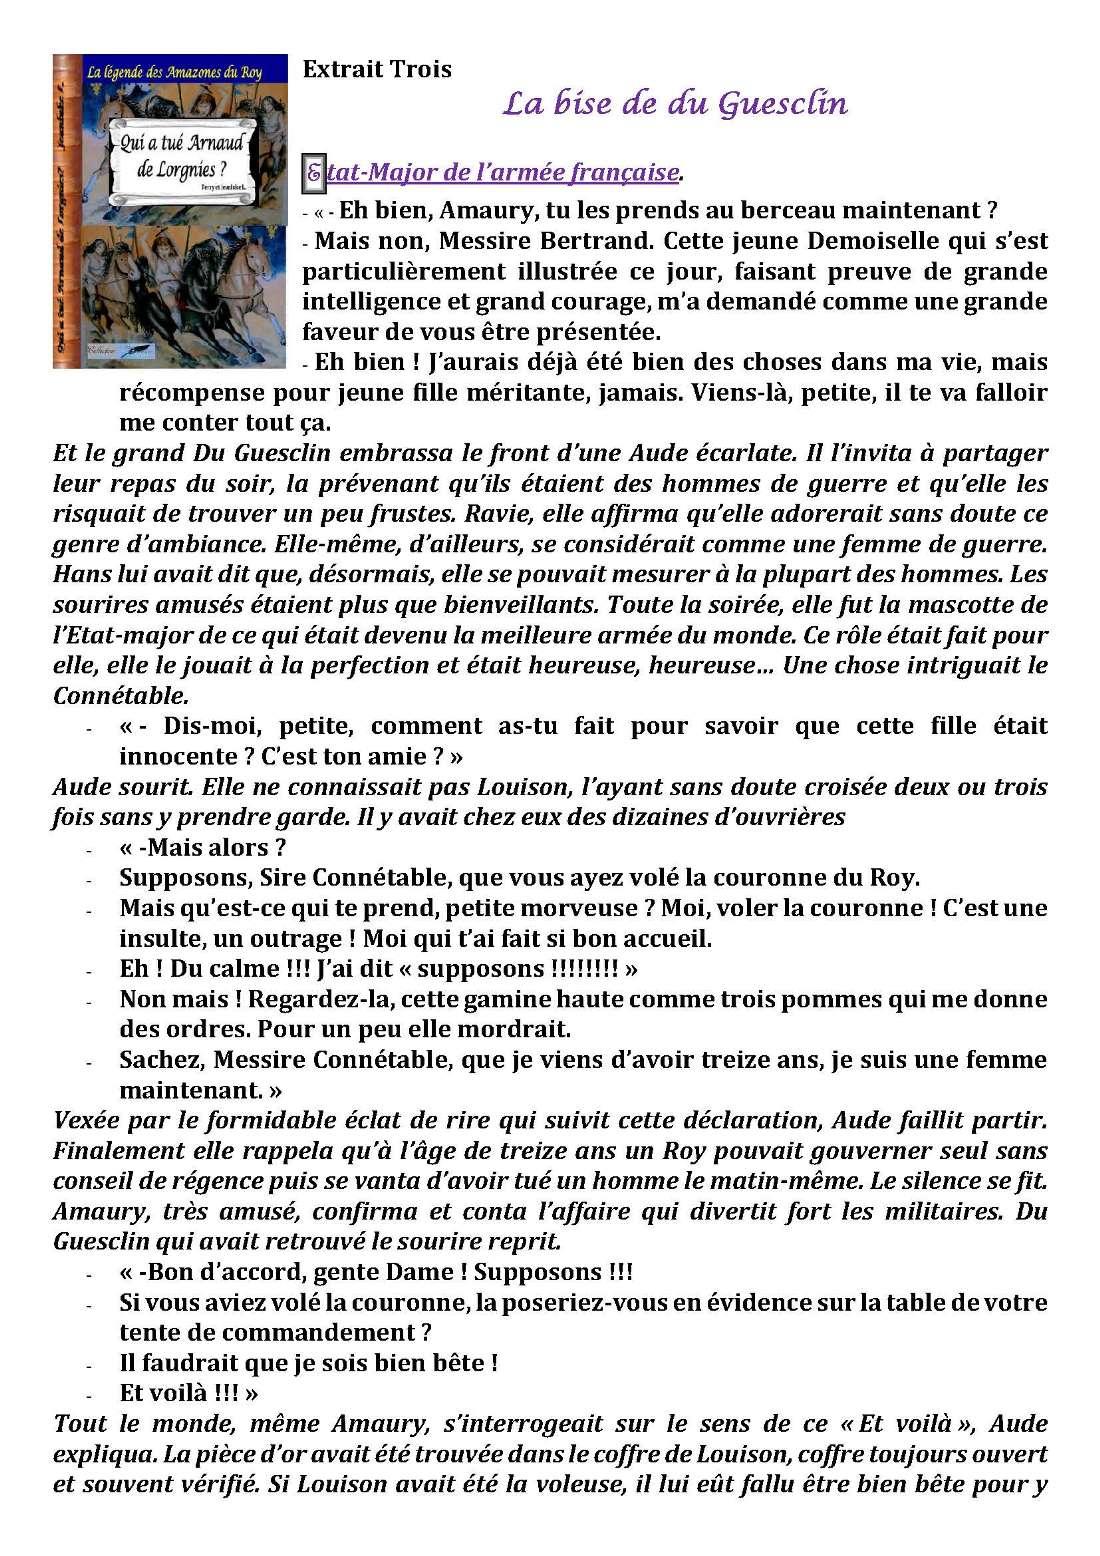 Extr 3 La bise de Du Guesclin_Page_1